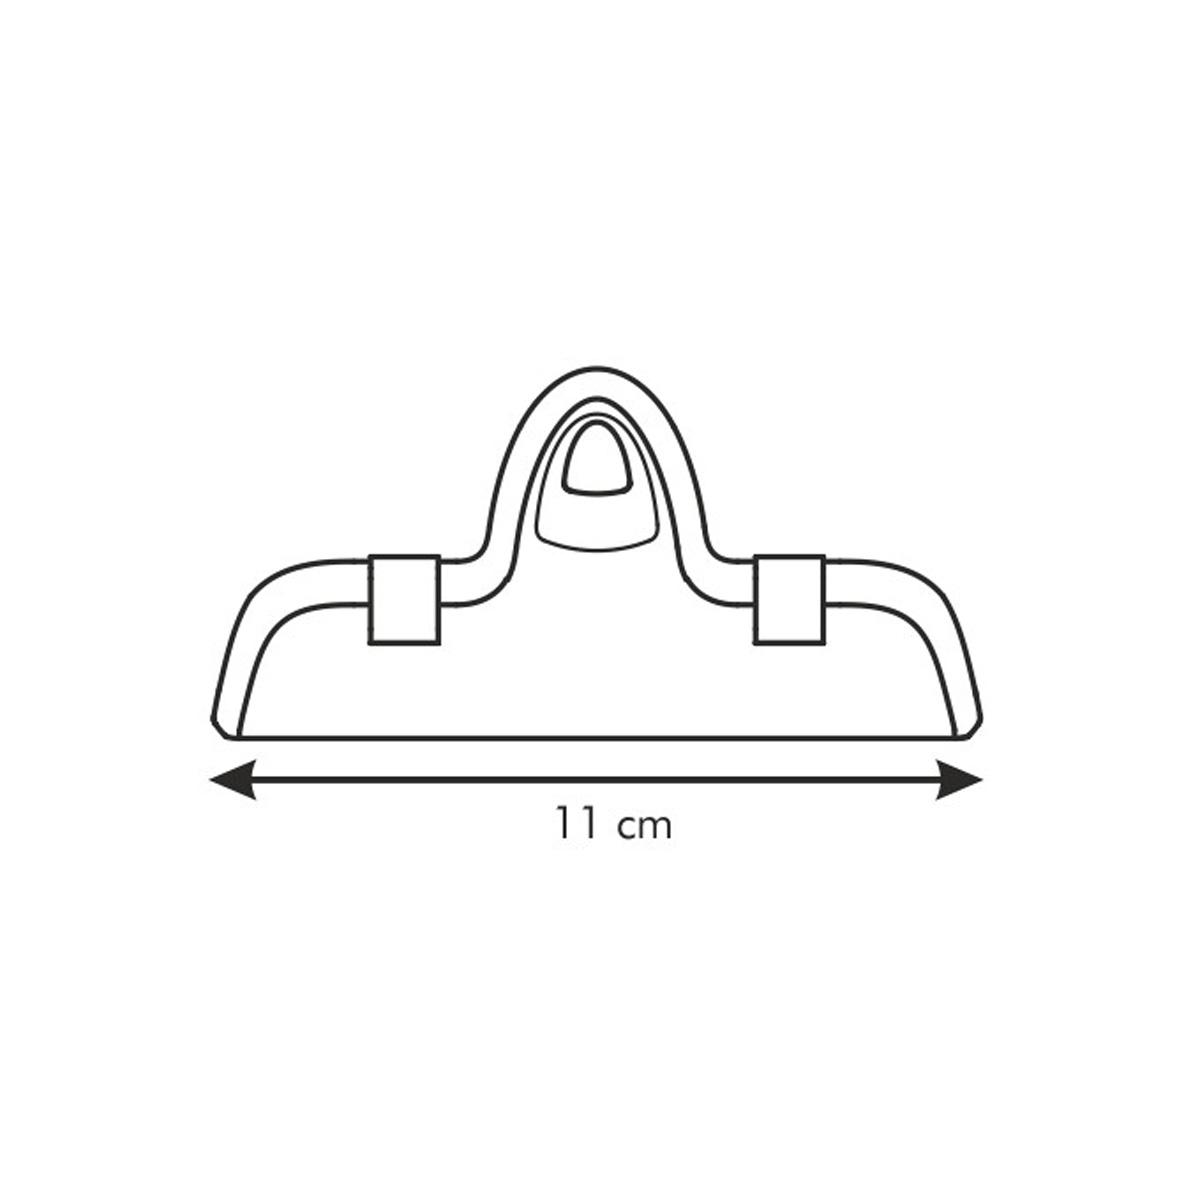 Klipsa na sáčky PRESTO 11 cm, 2 ks